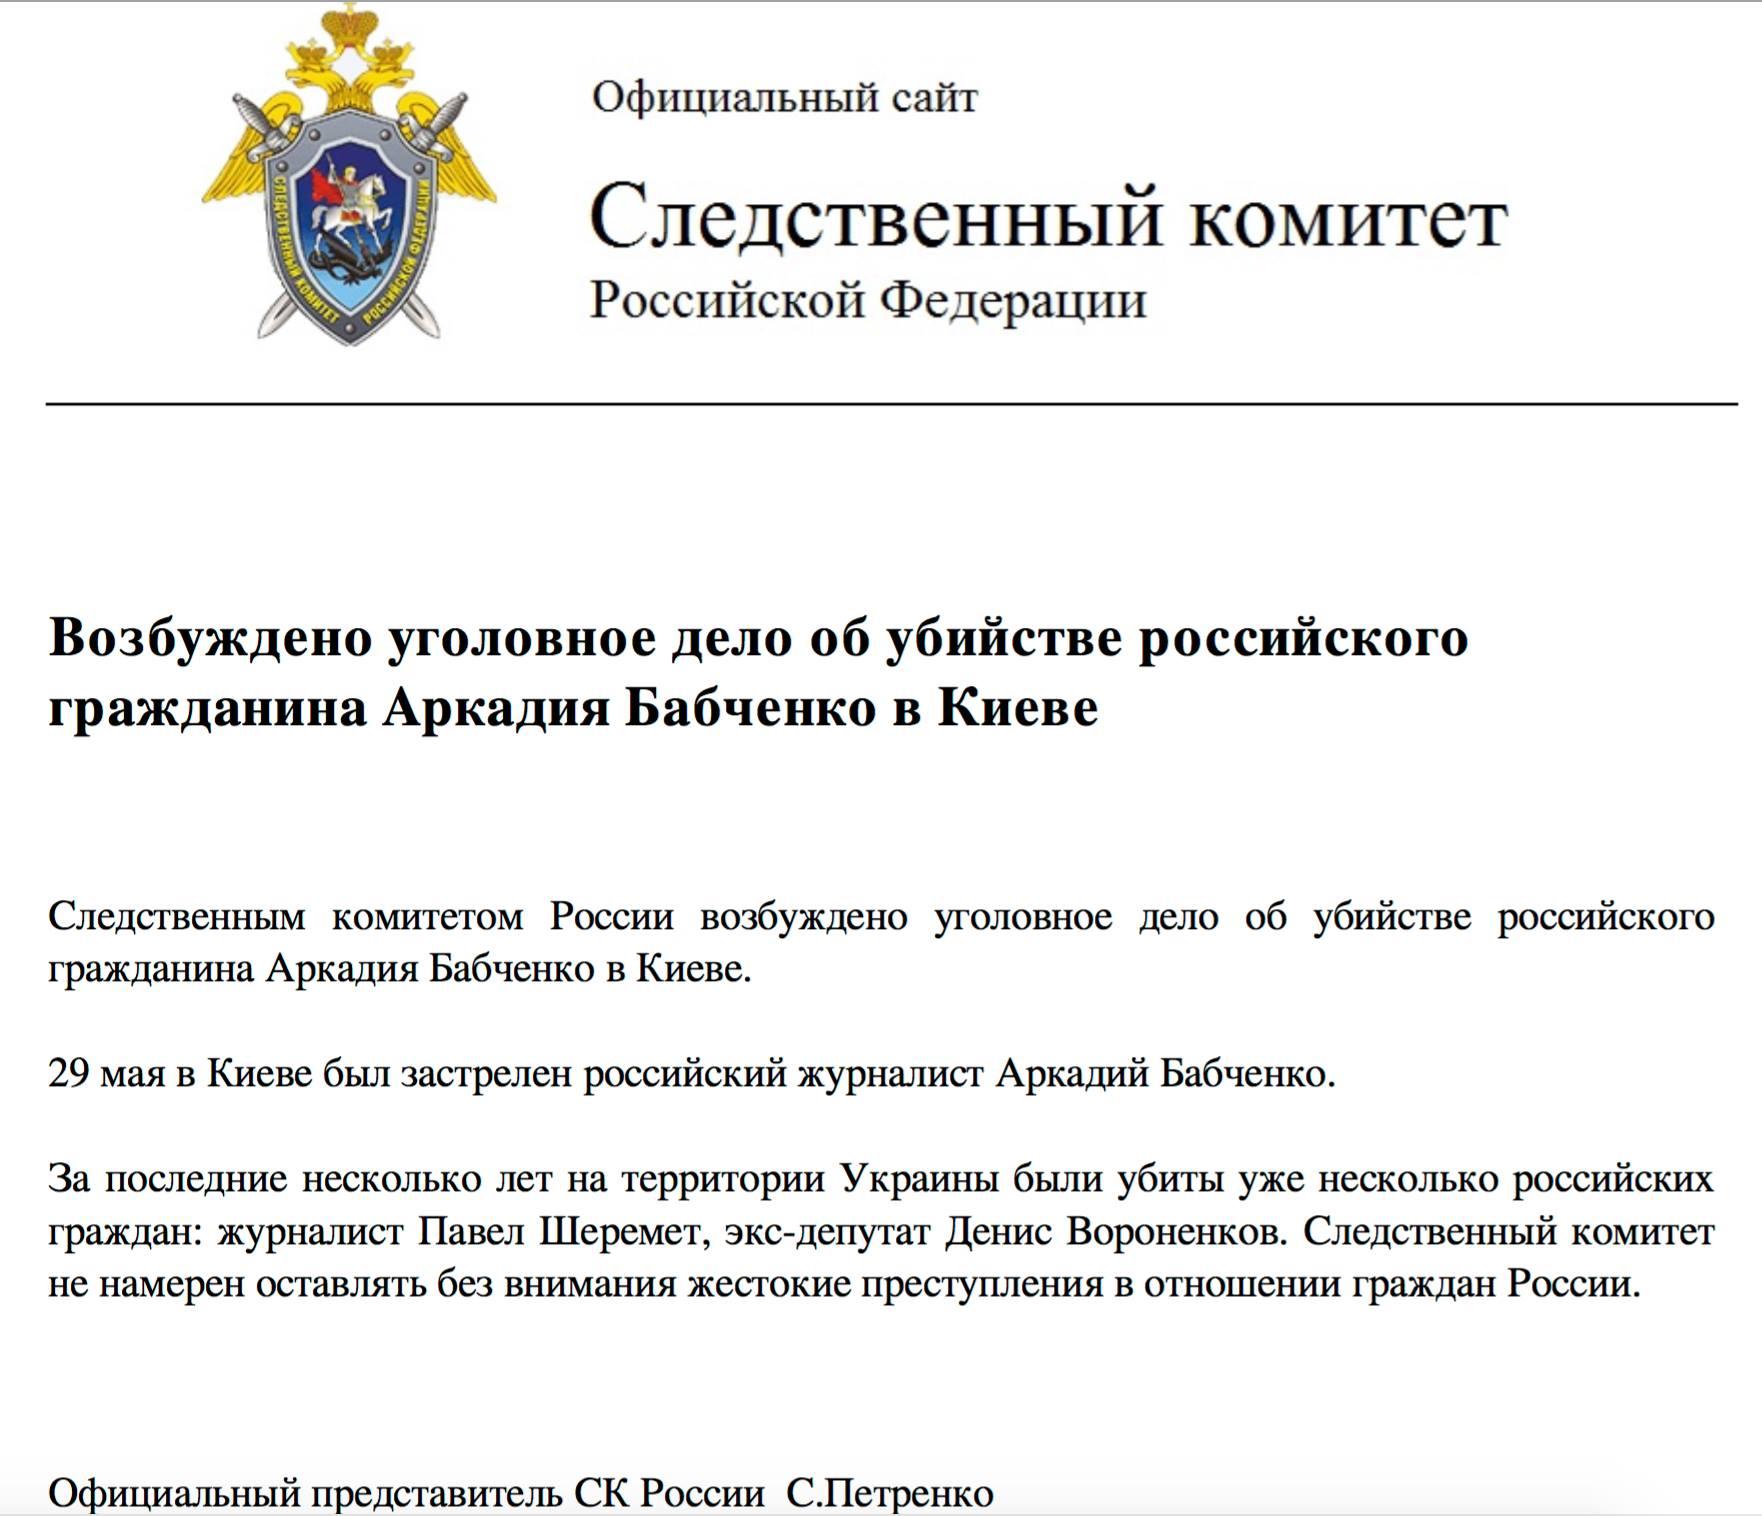 Памяти Аркадия Бабченко - Цензор.НЕТ 5793